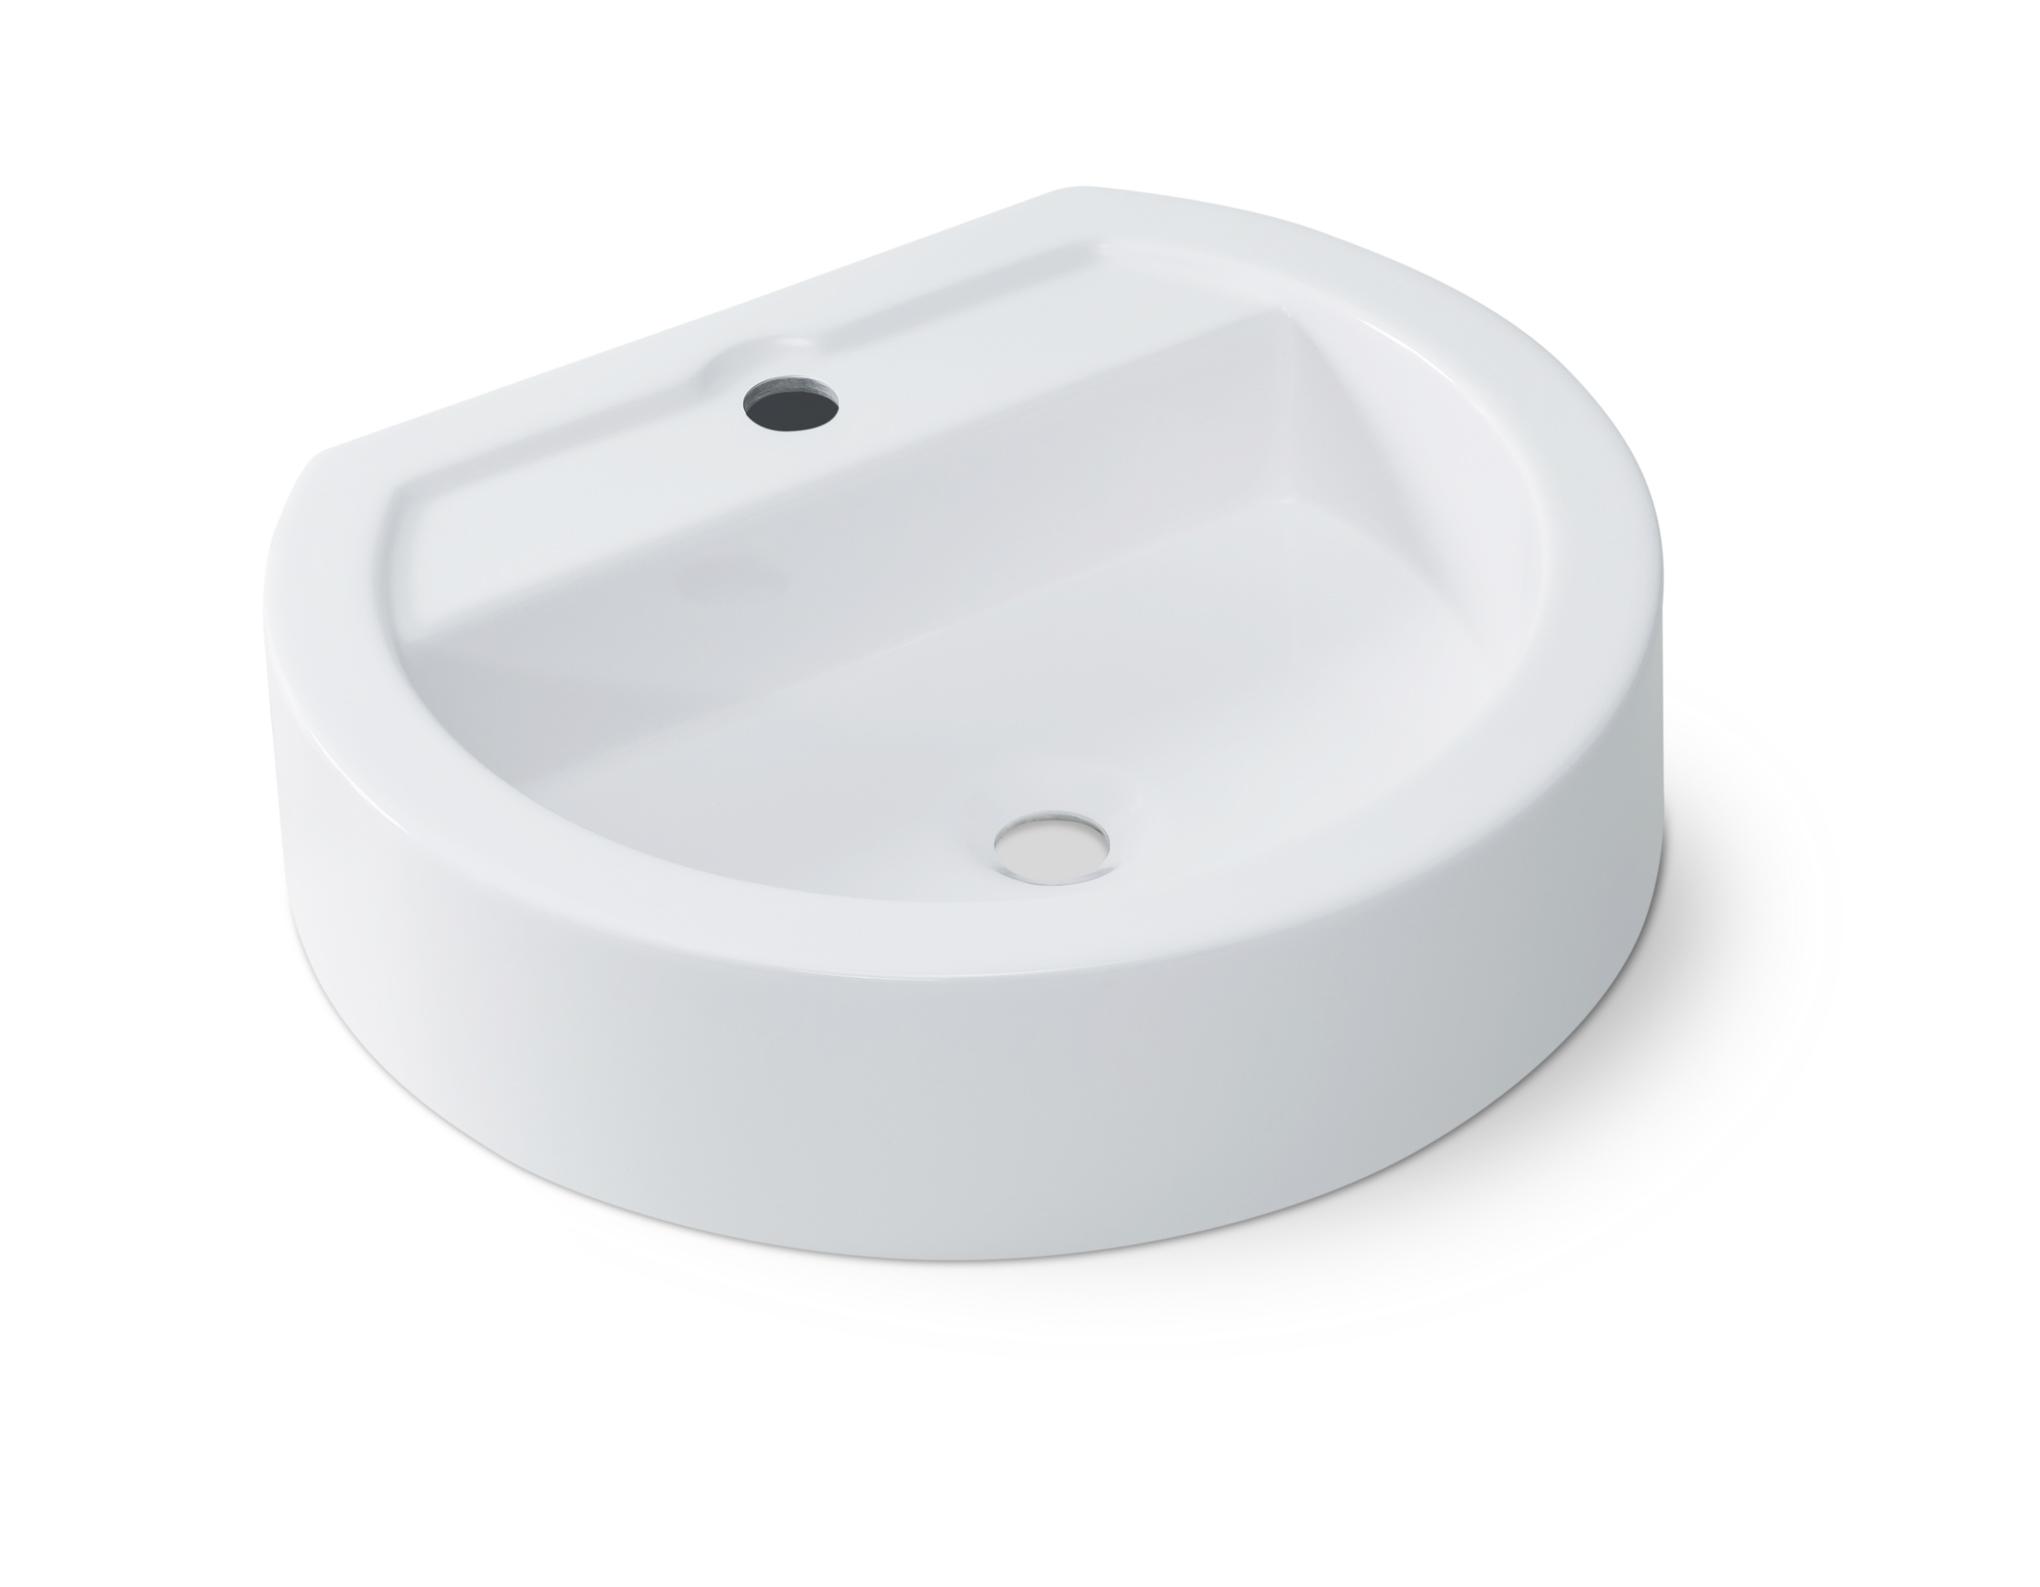 Cuba De Apoio Para Banheiro Oval Ov43w Oval Onix